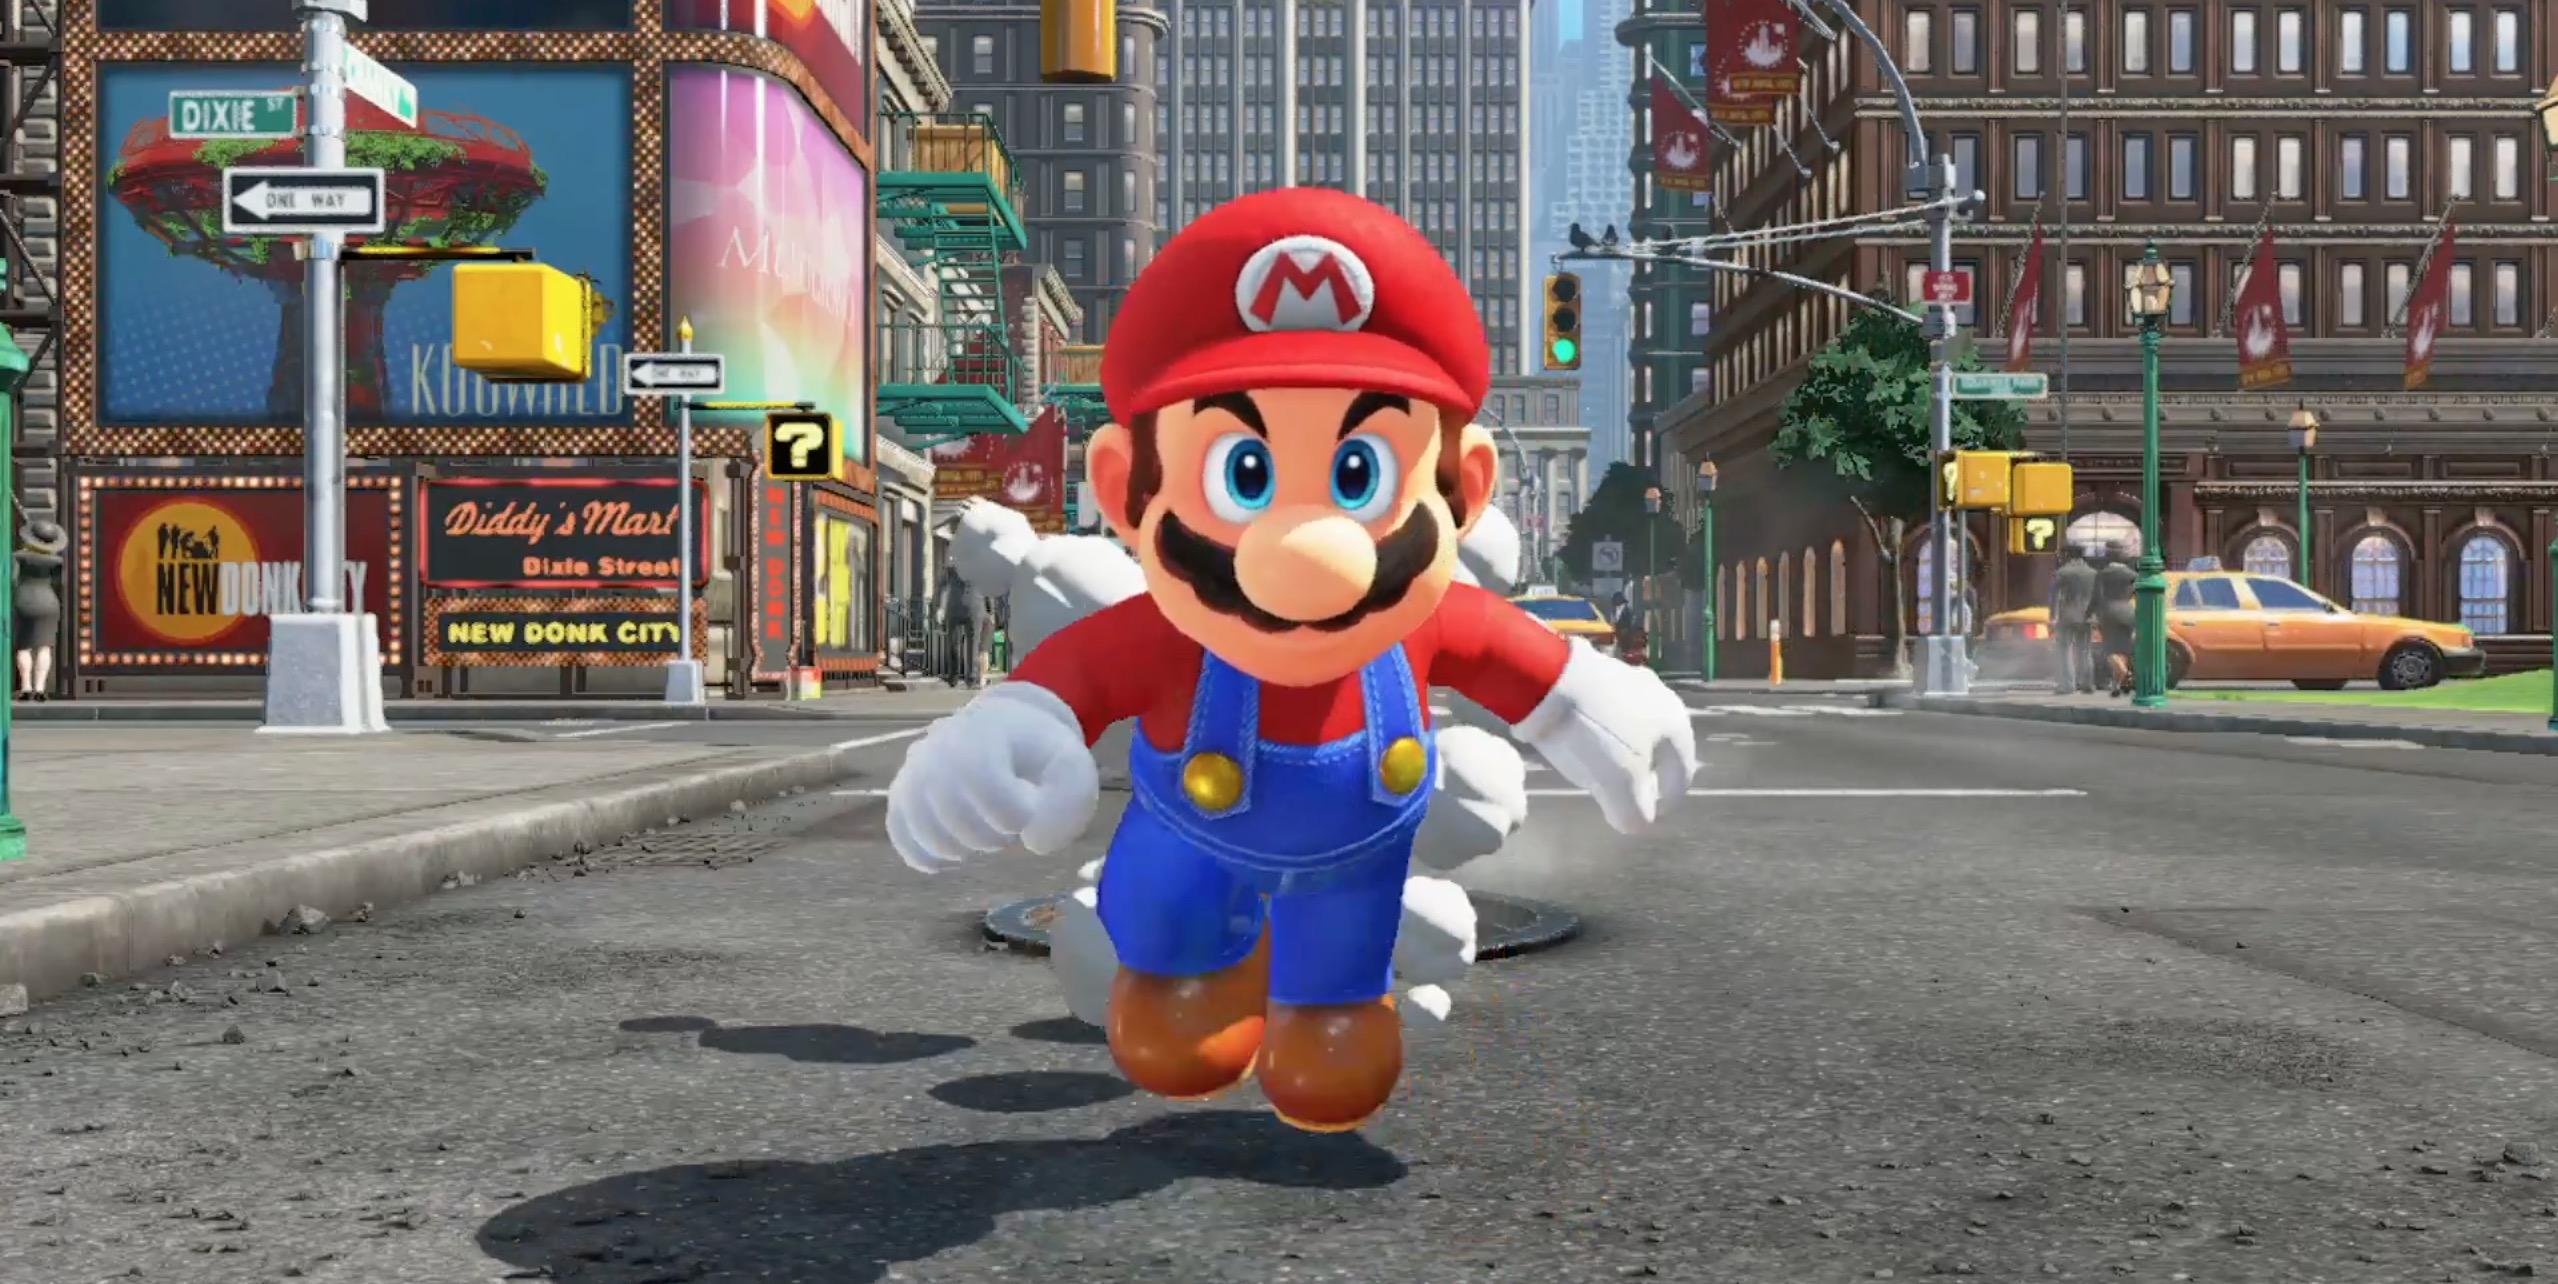 Nintendo upadło na głowę, jeśli chodzi o ceny gier i akcesoriów na Switcha